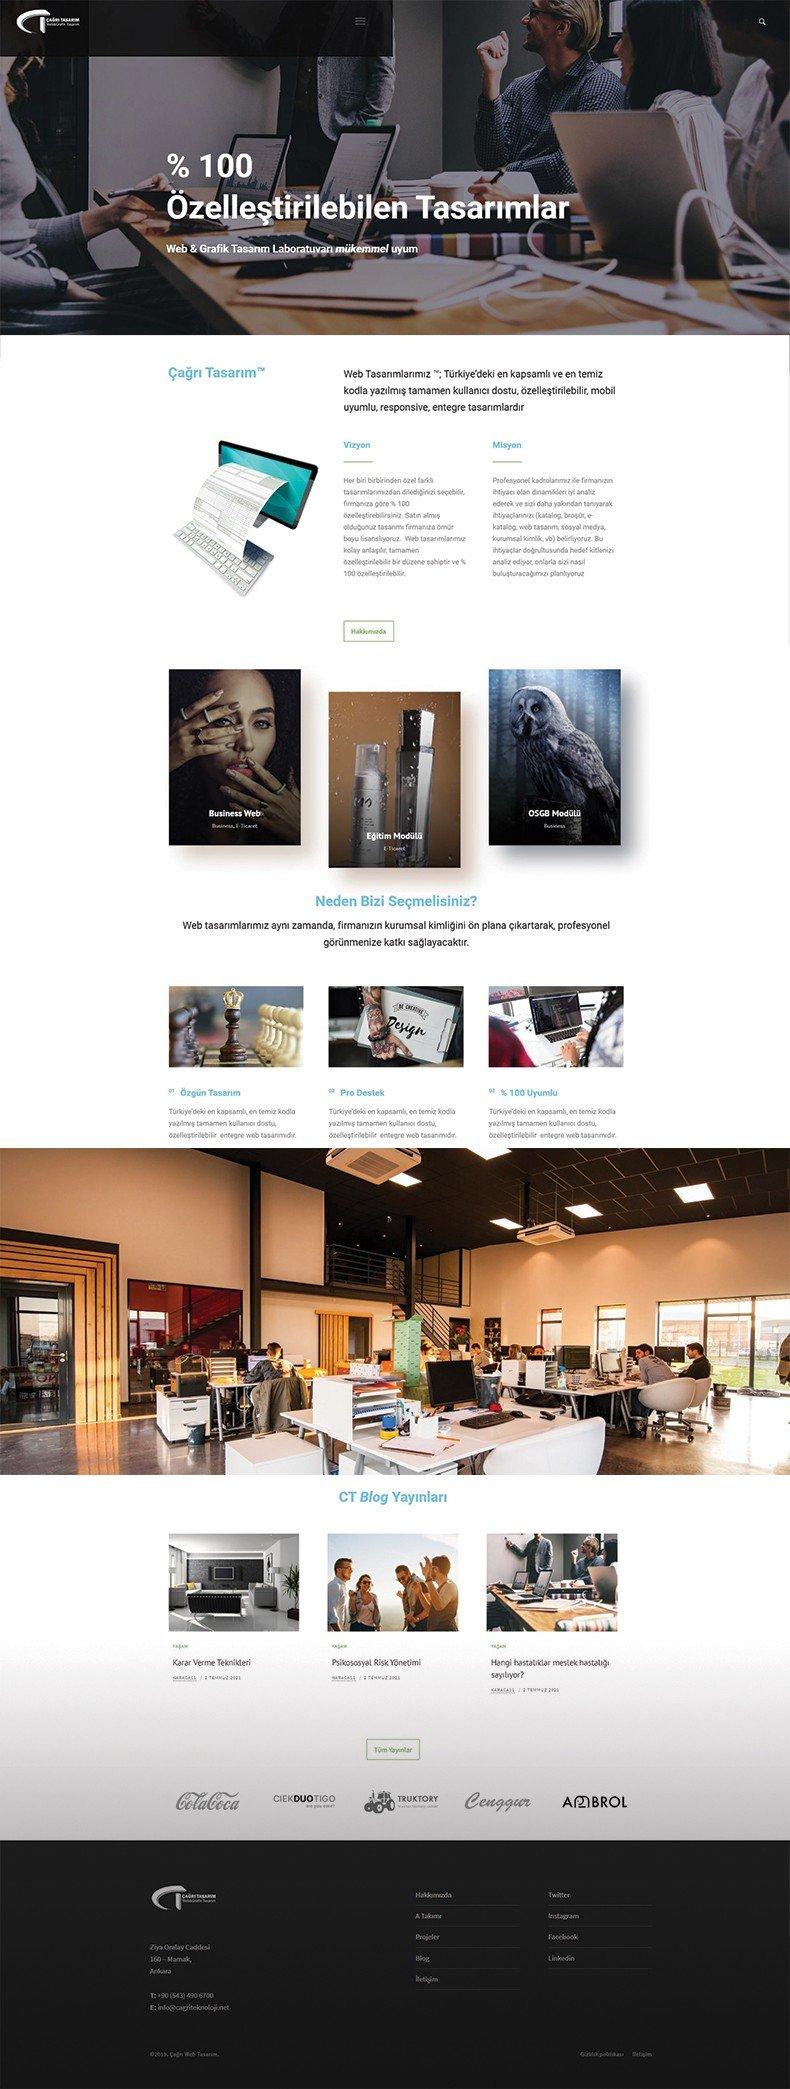 işletme web tasarımı